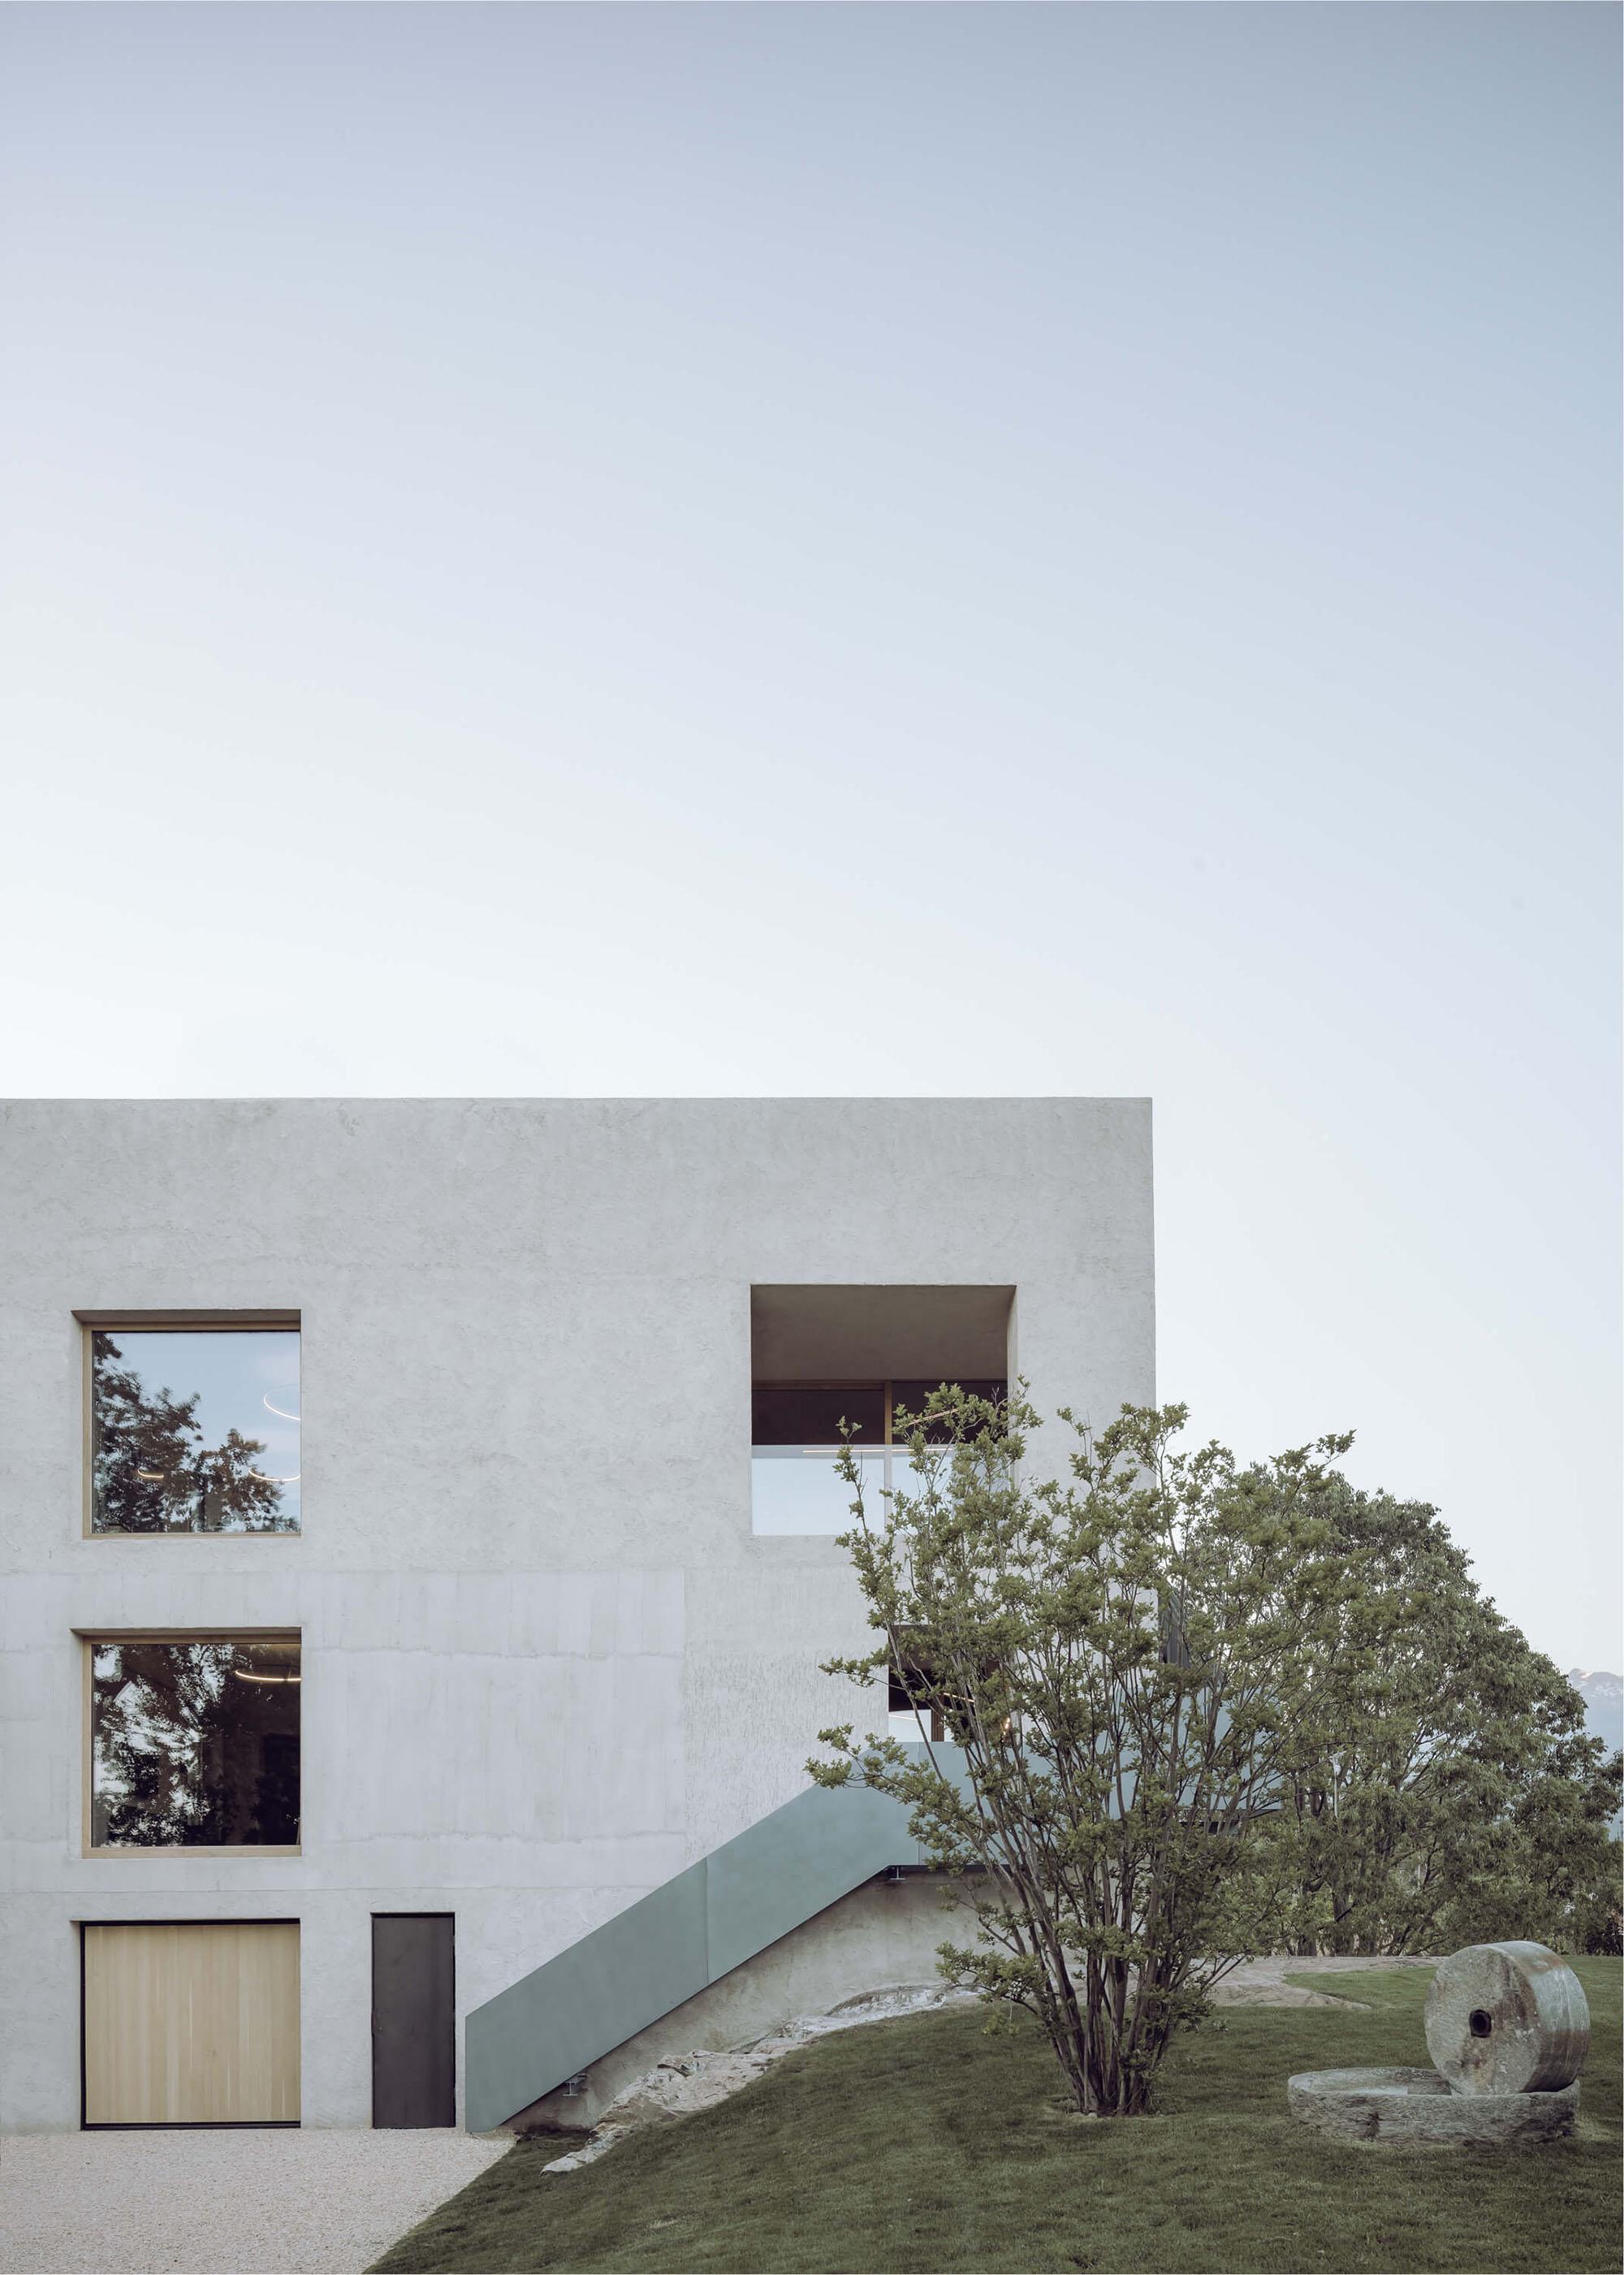 Architecture Archisbang - Photo © Aldo Amoretti